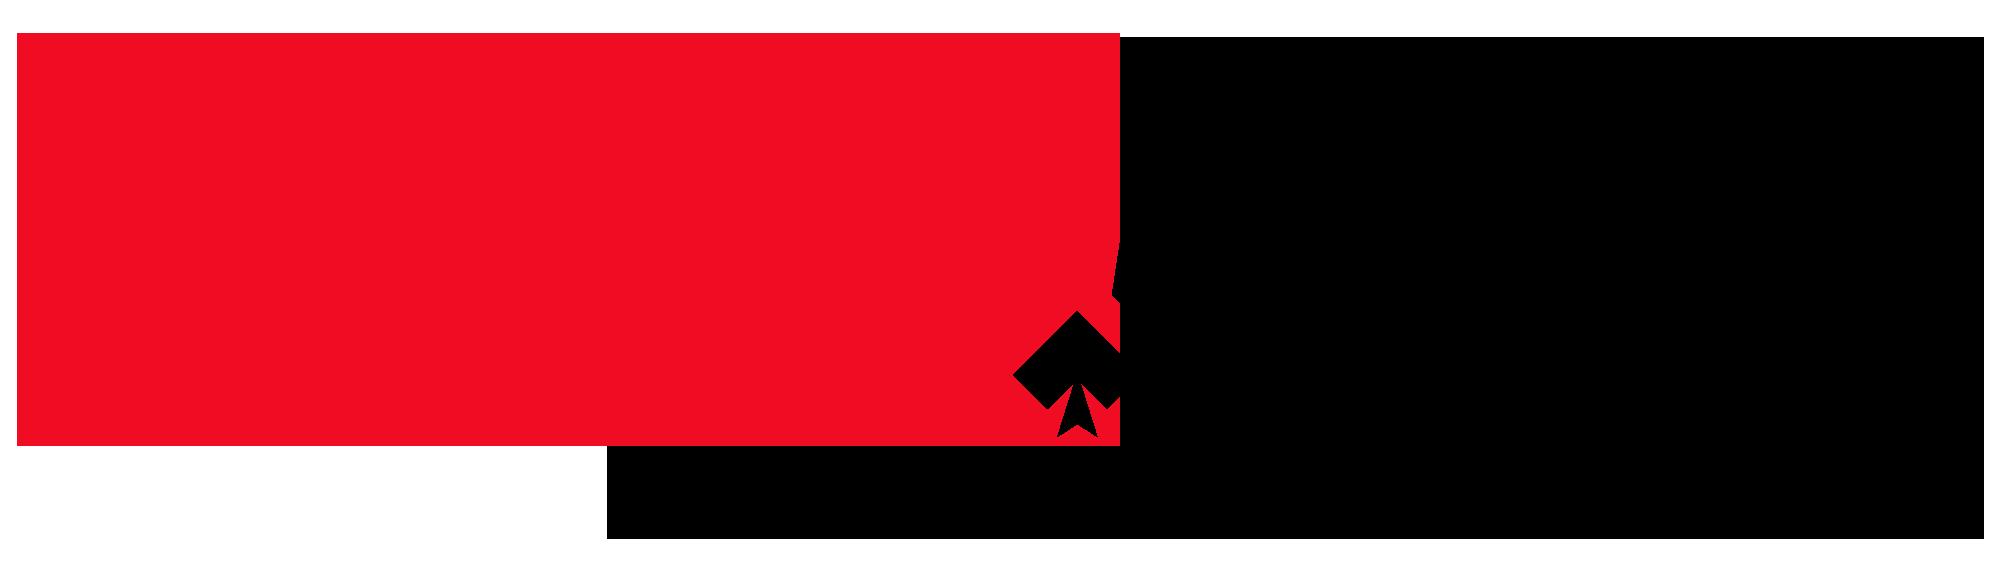 spinrider_logo